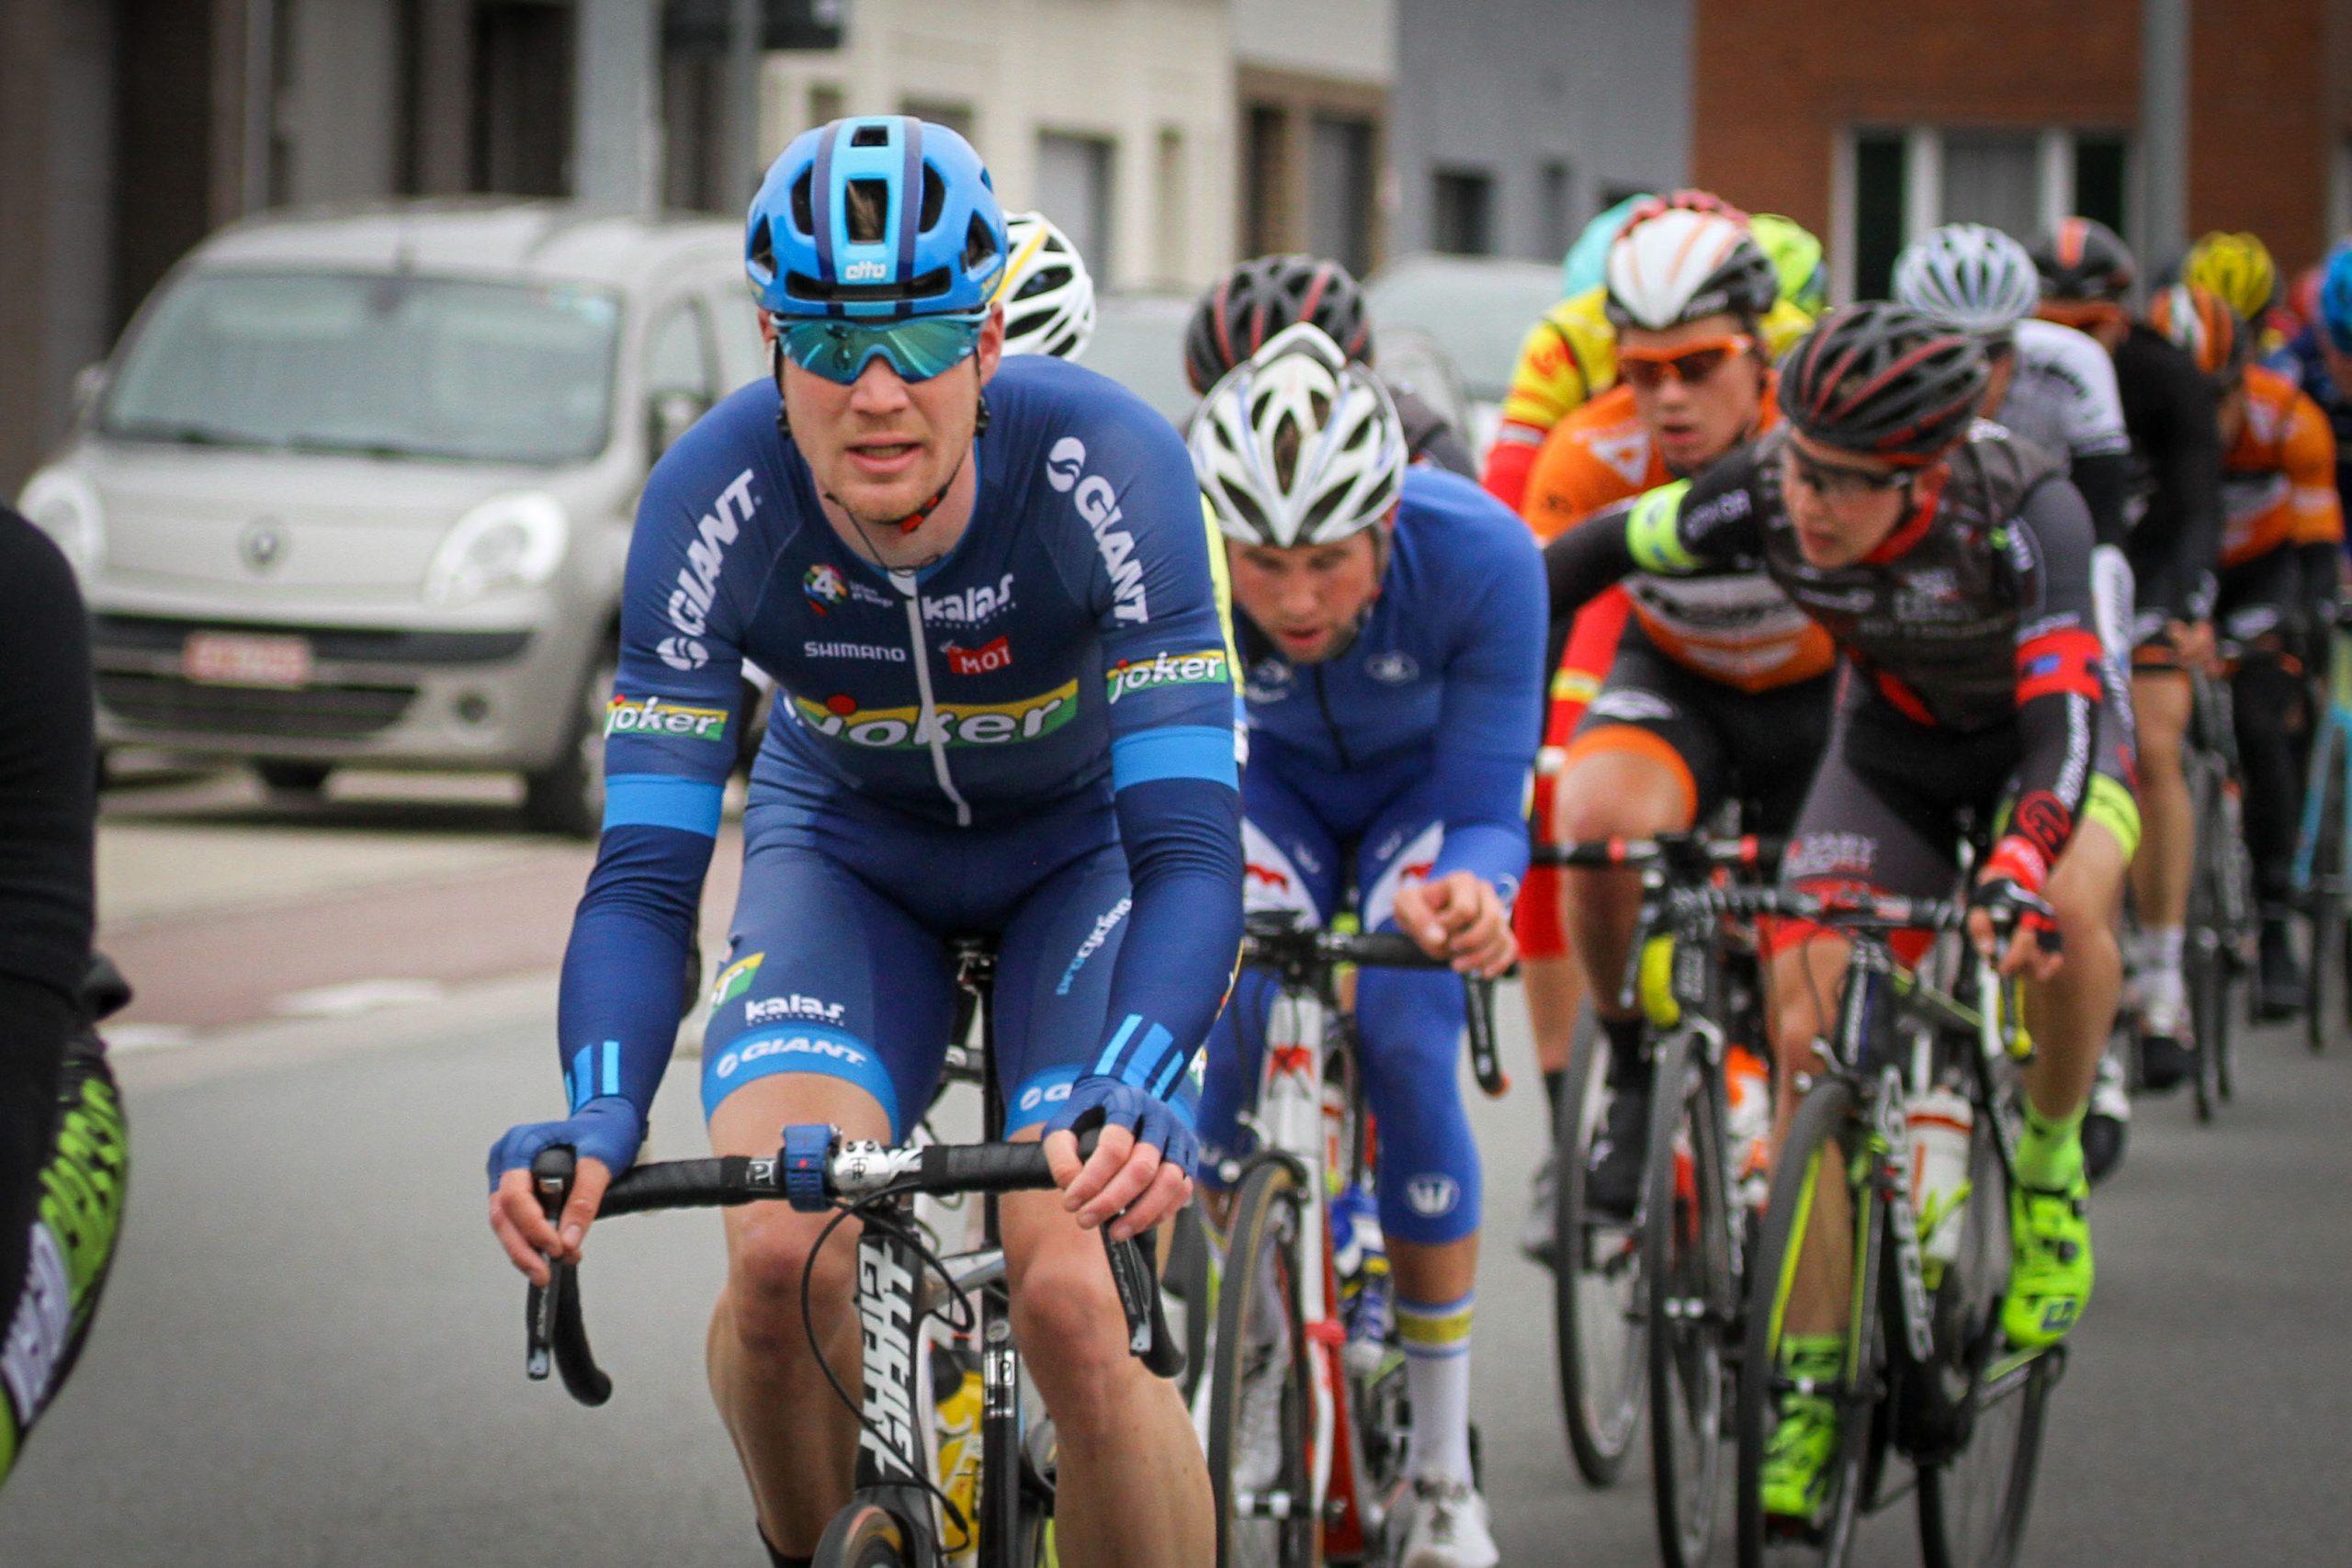 Blogg: Slik ble svensken norsk syklist